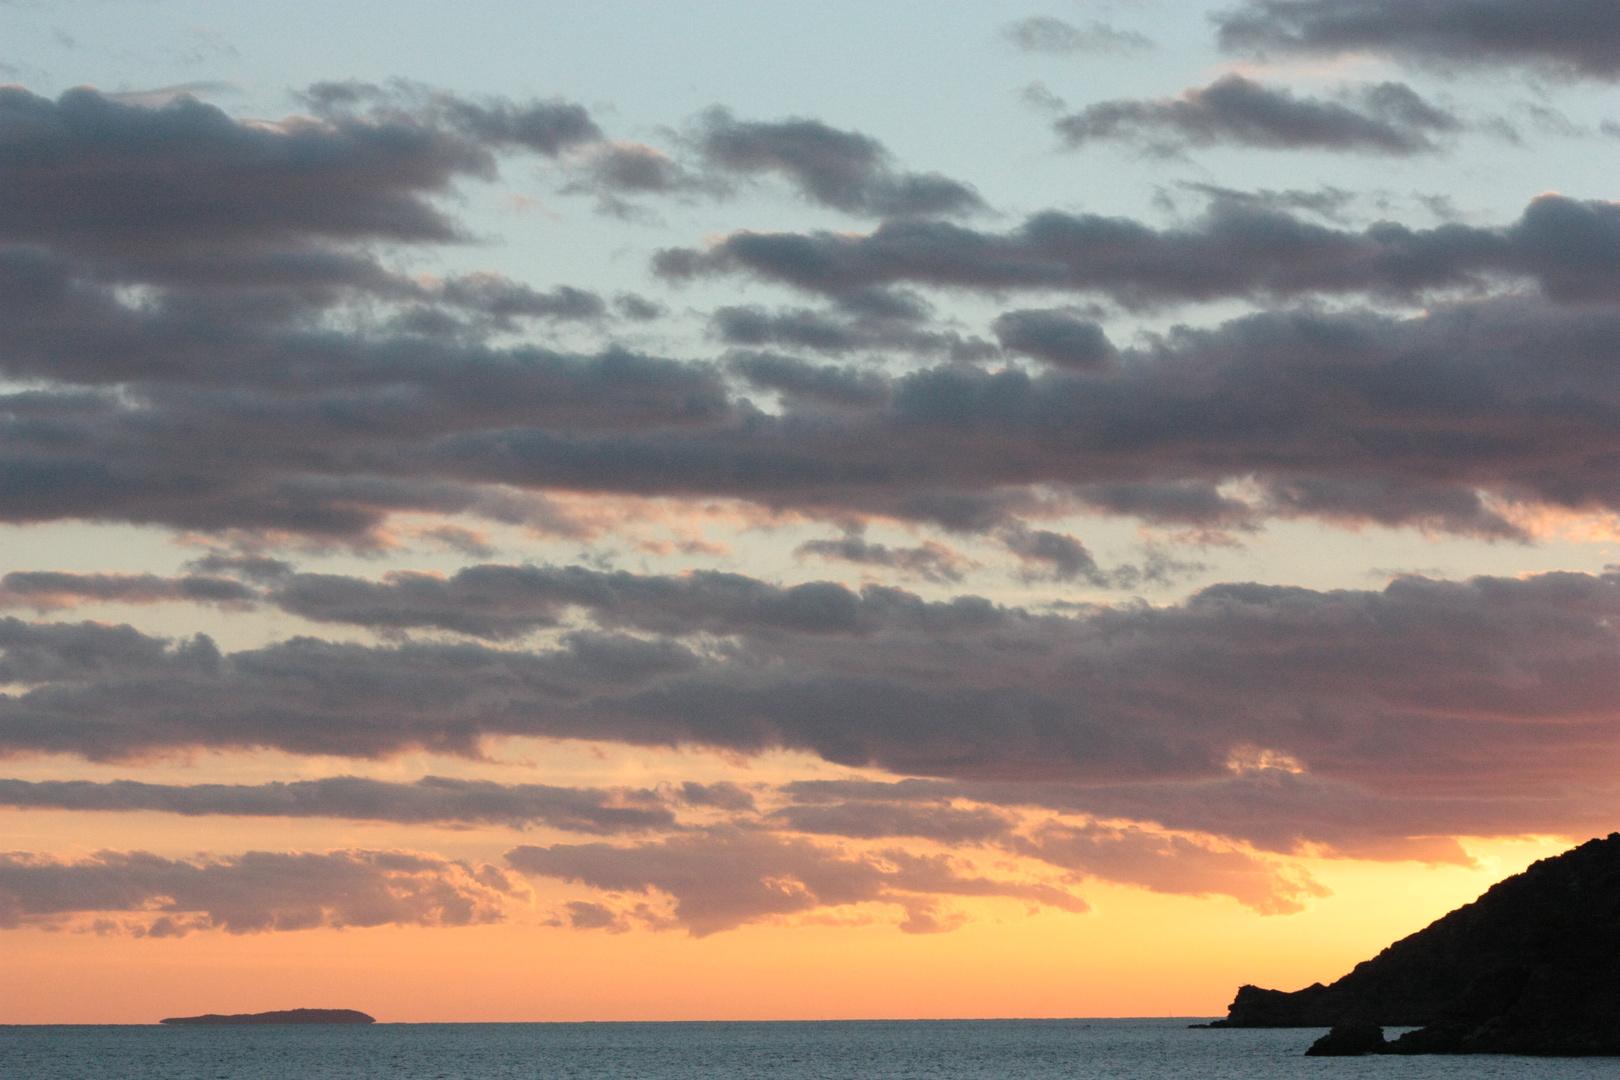 soleil couchant sur l'ile du levant